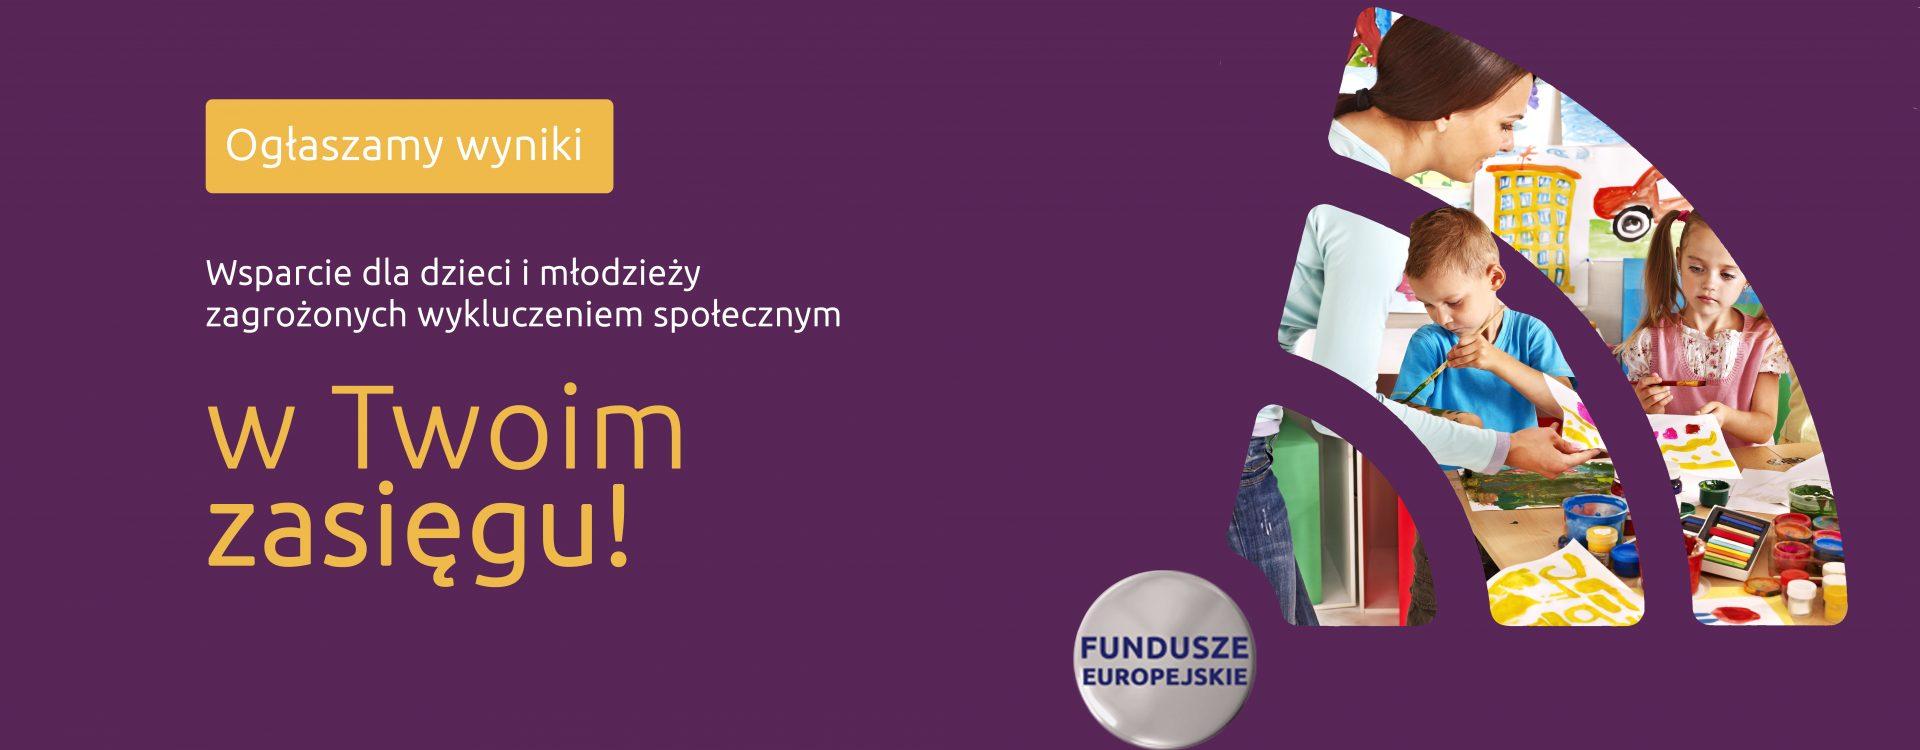 Znamy projekty z unijnym dofinansowaniem na rzecz najmłodszych mieszkańców Mazowsza